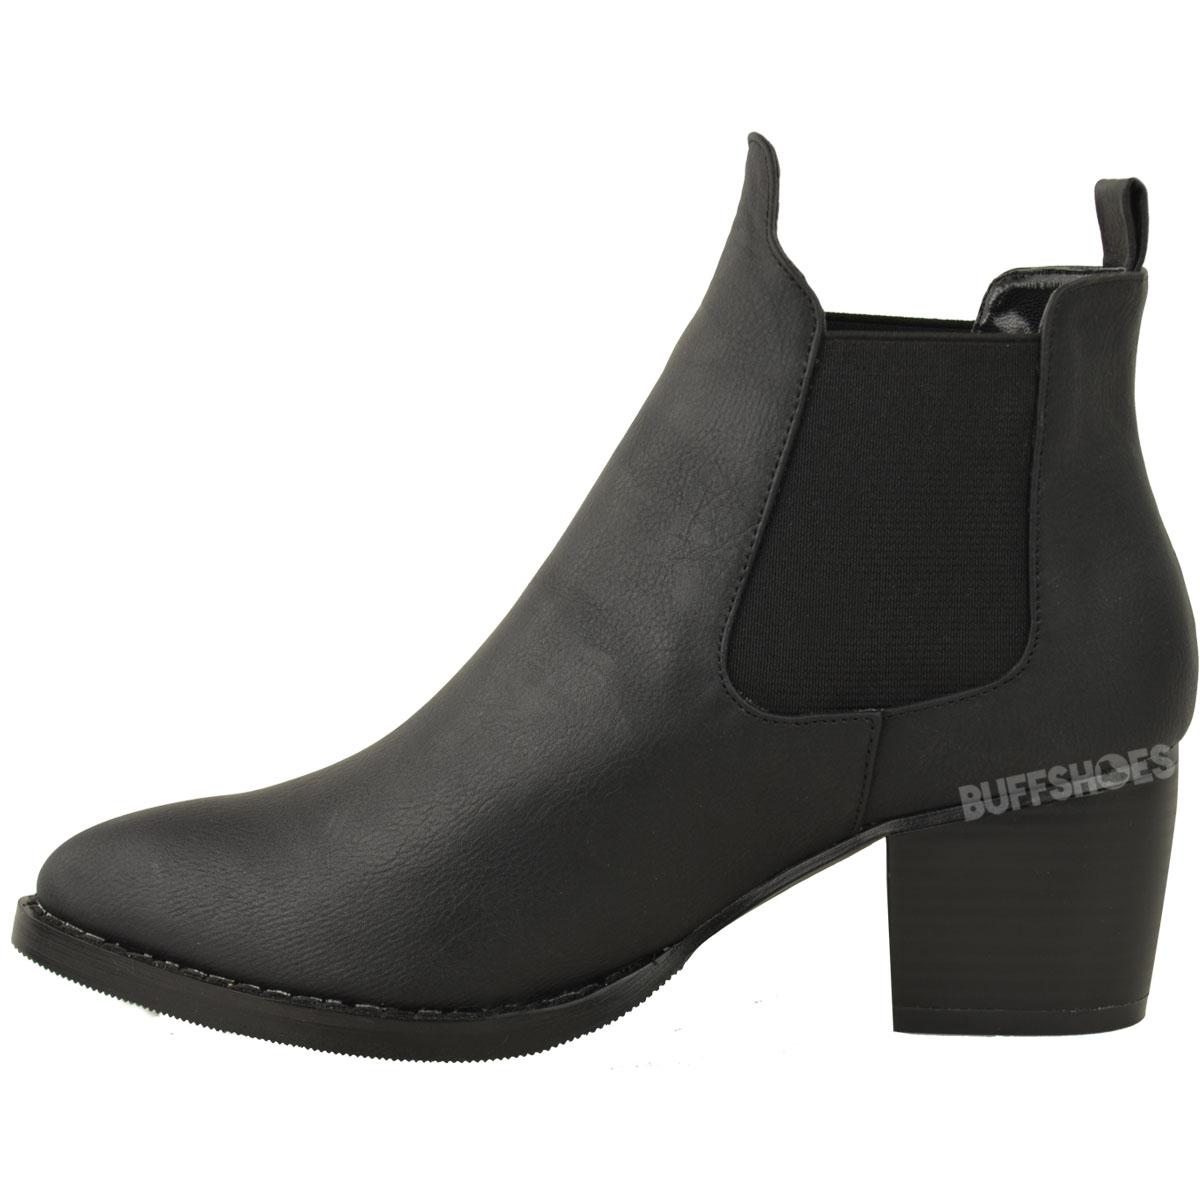 Awesome  WomensHighBlockHeelPointedChelseaAnkleBikerBlackBootsShoes